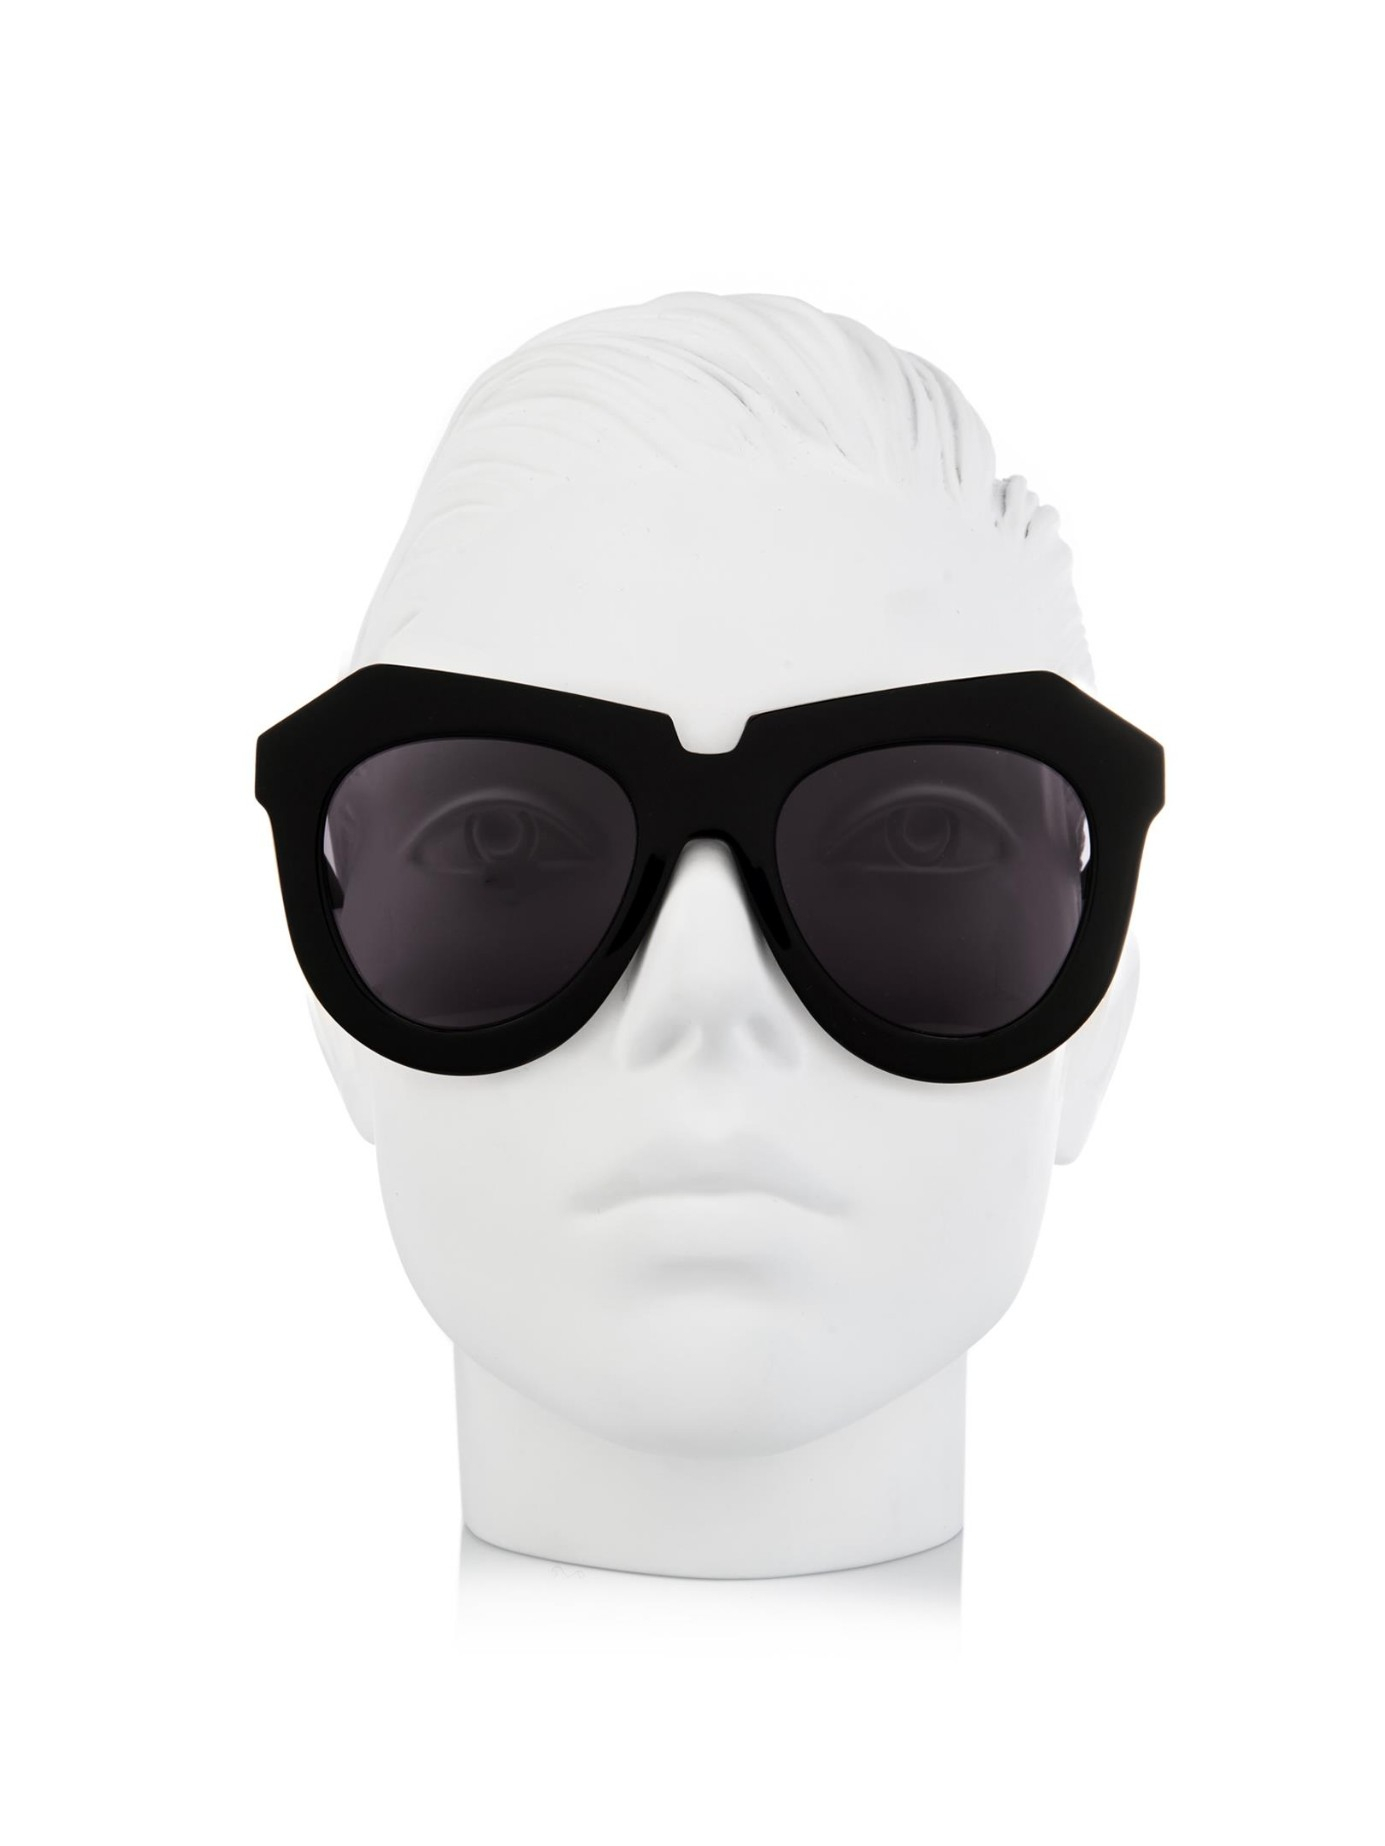 8507fe5cbbdc Karen Walker One Meadow Sunglasses in Purple - Lyst